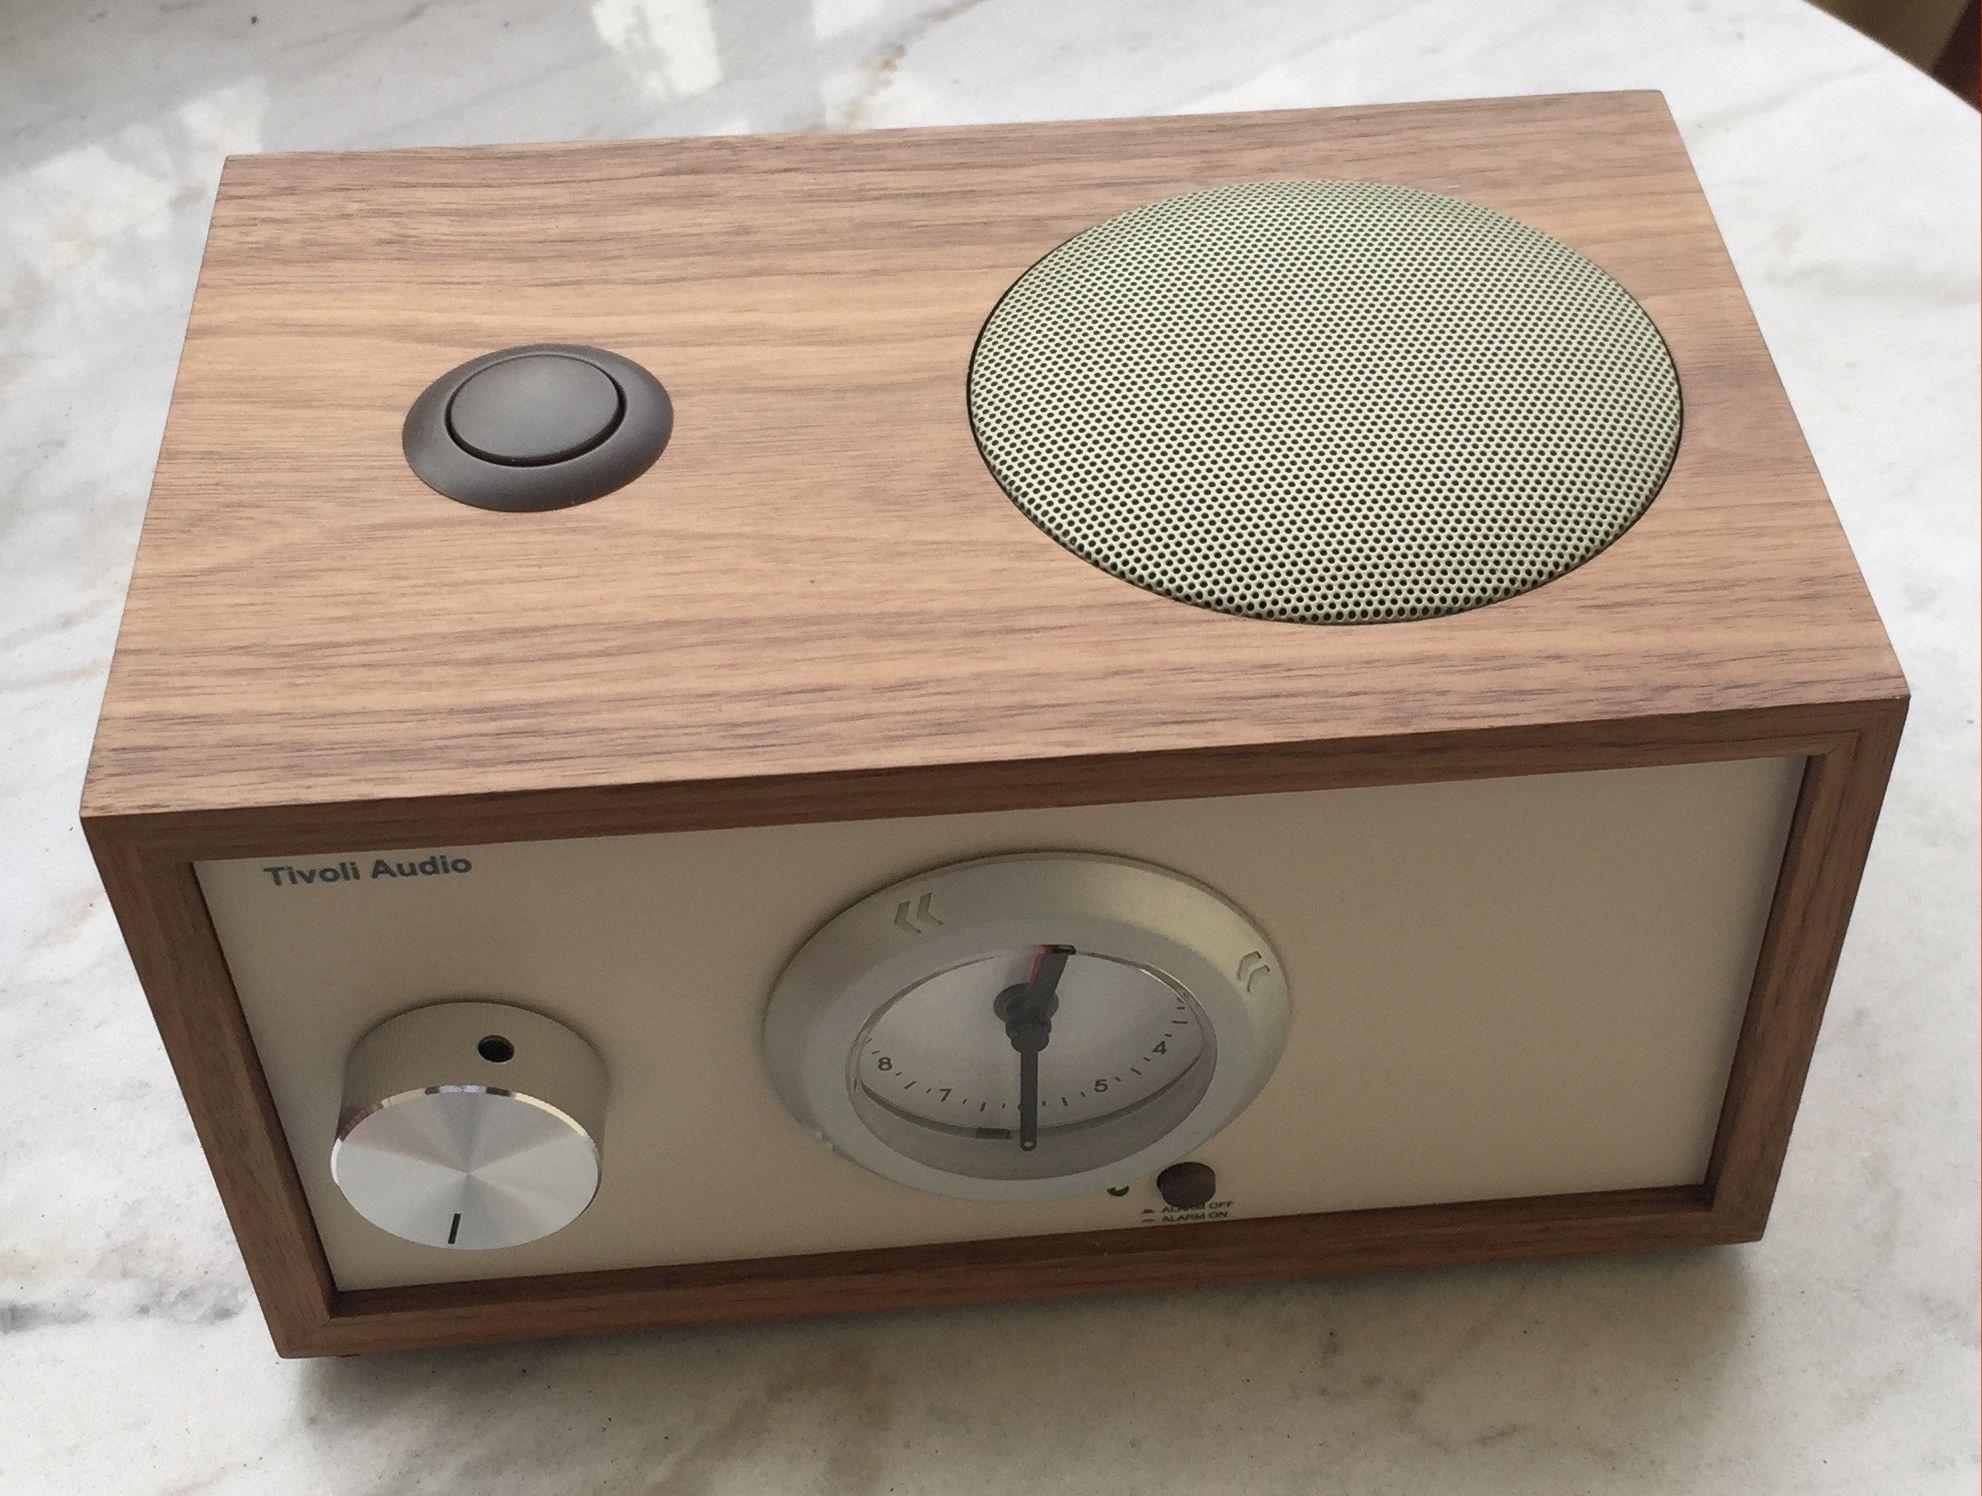 Radio Outdoors